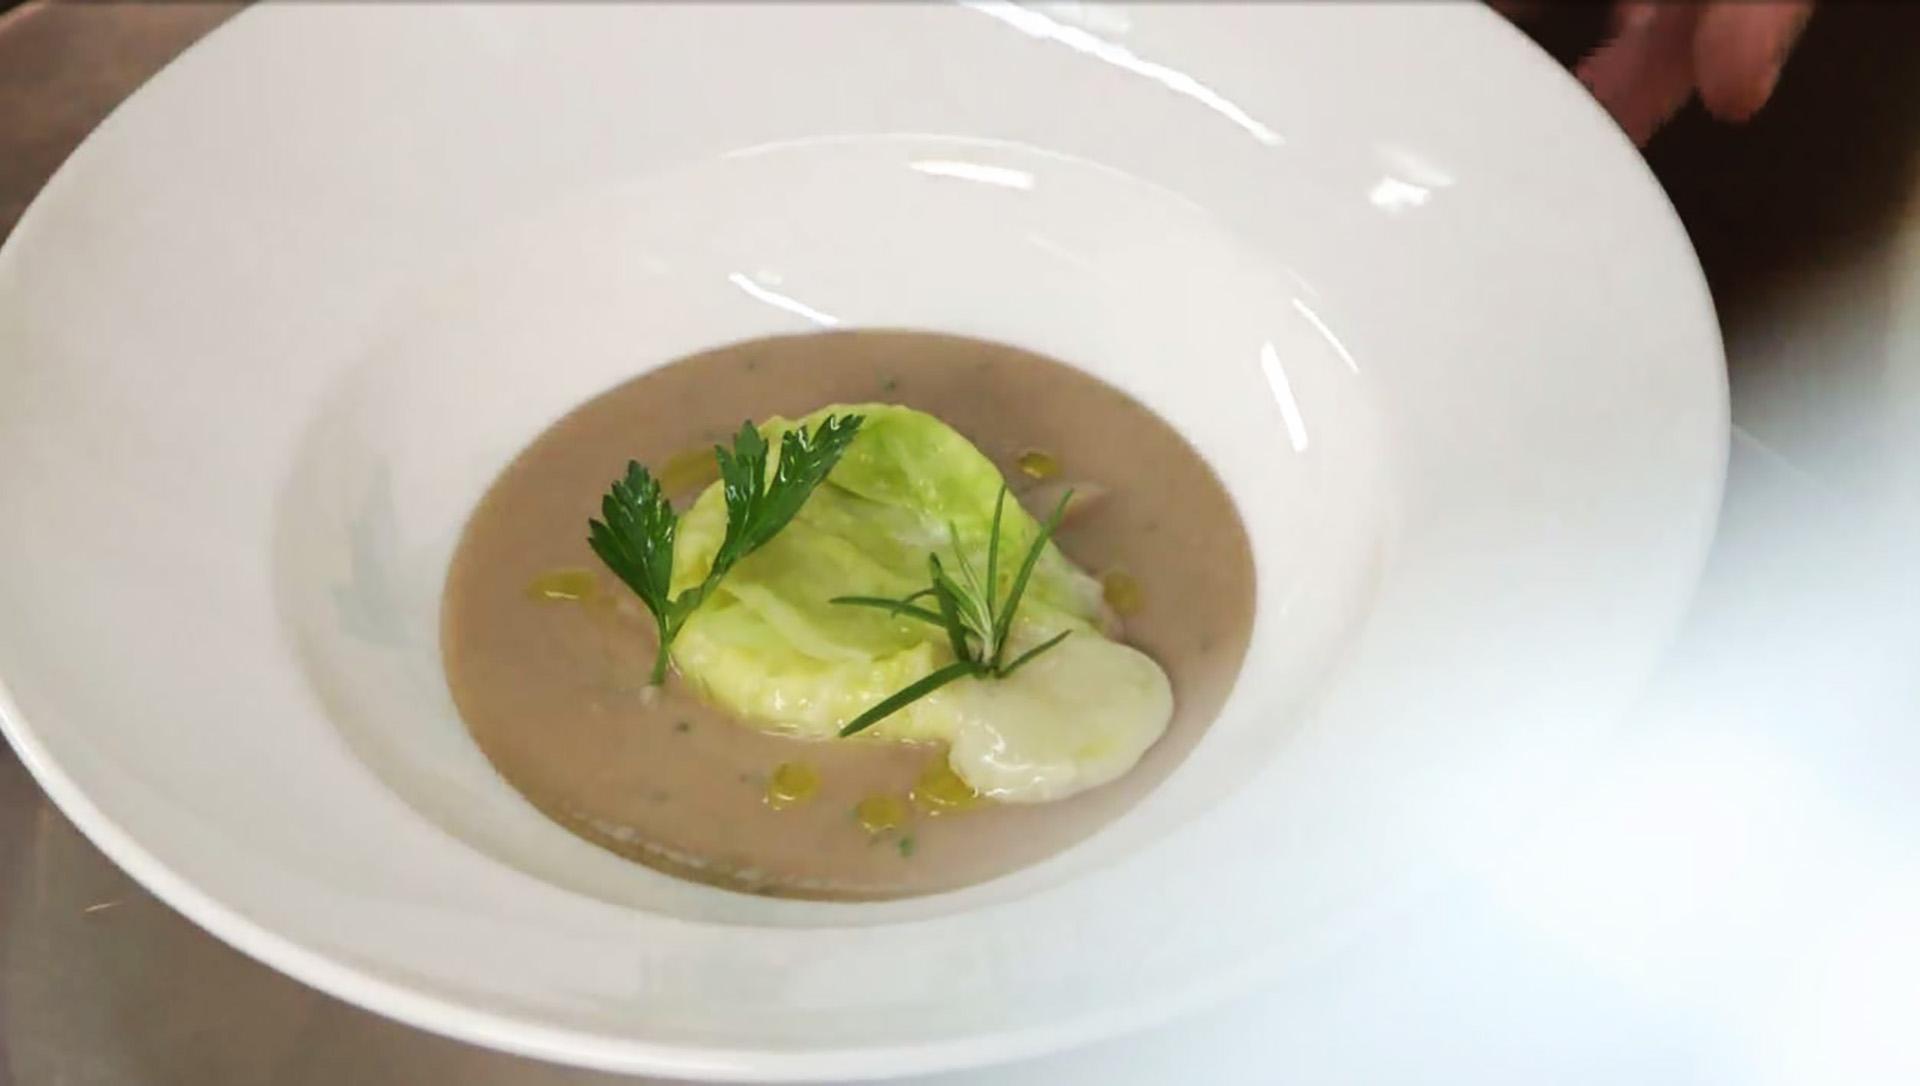 Cucine da incubo italia le ricette di chef cannavacciuolo fagottini di gorgonzola con crema di - Ricette cucine da incubo ...